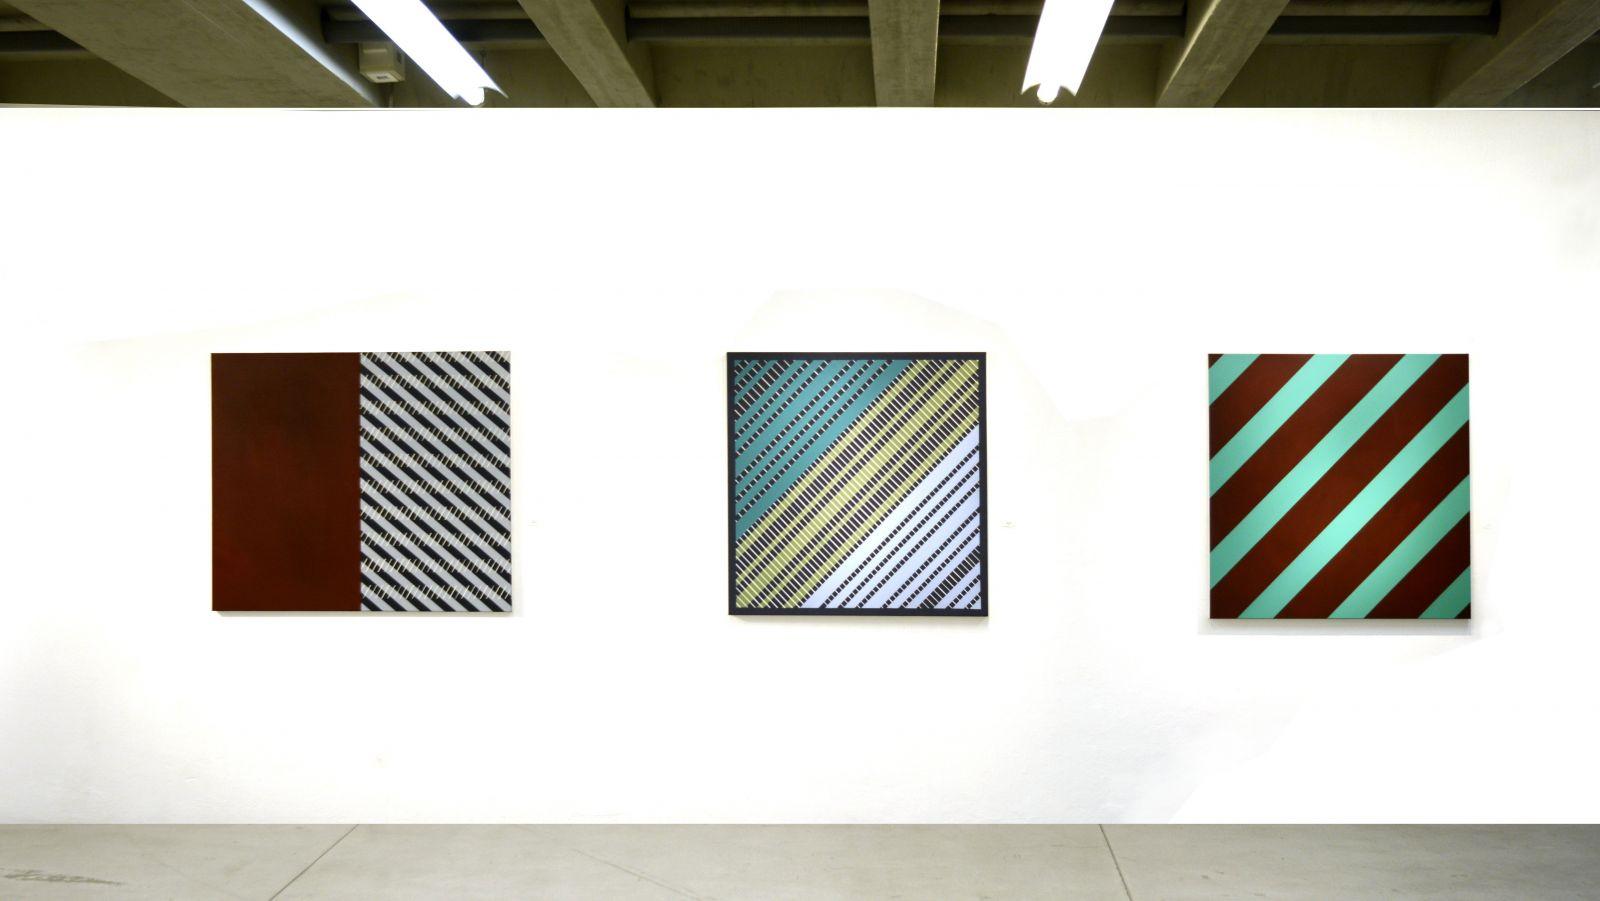 eder ausstellungen-stadtmuseum bruneck-2018